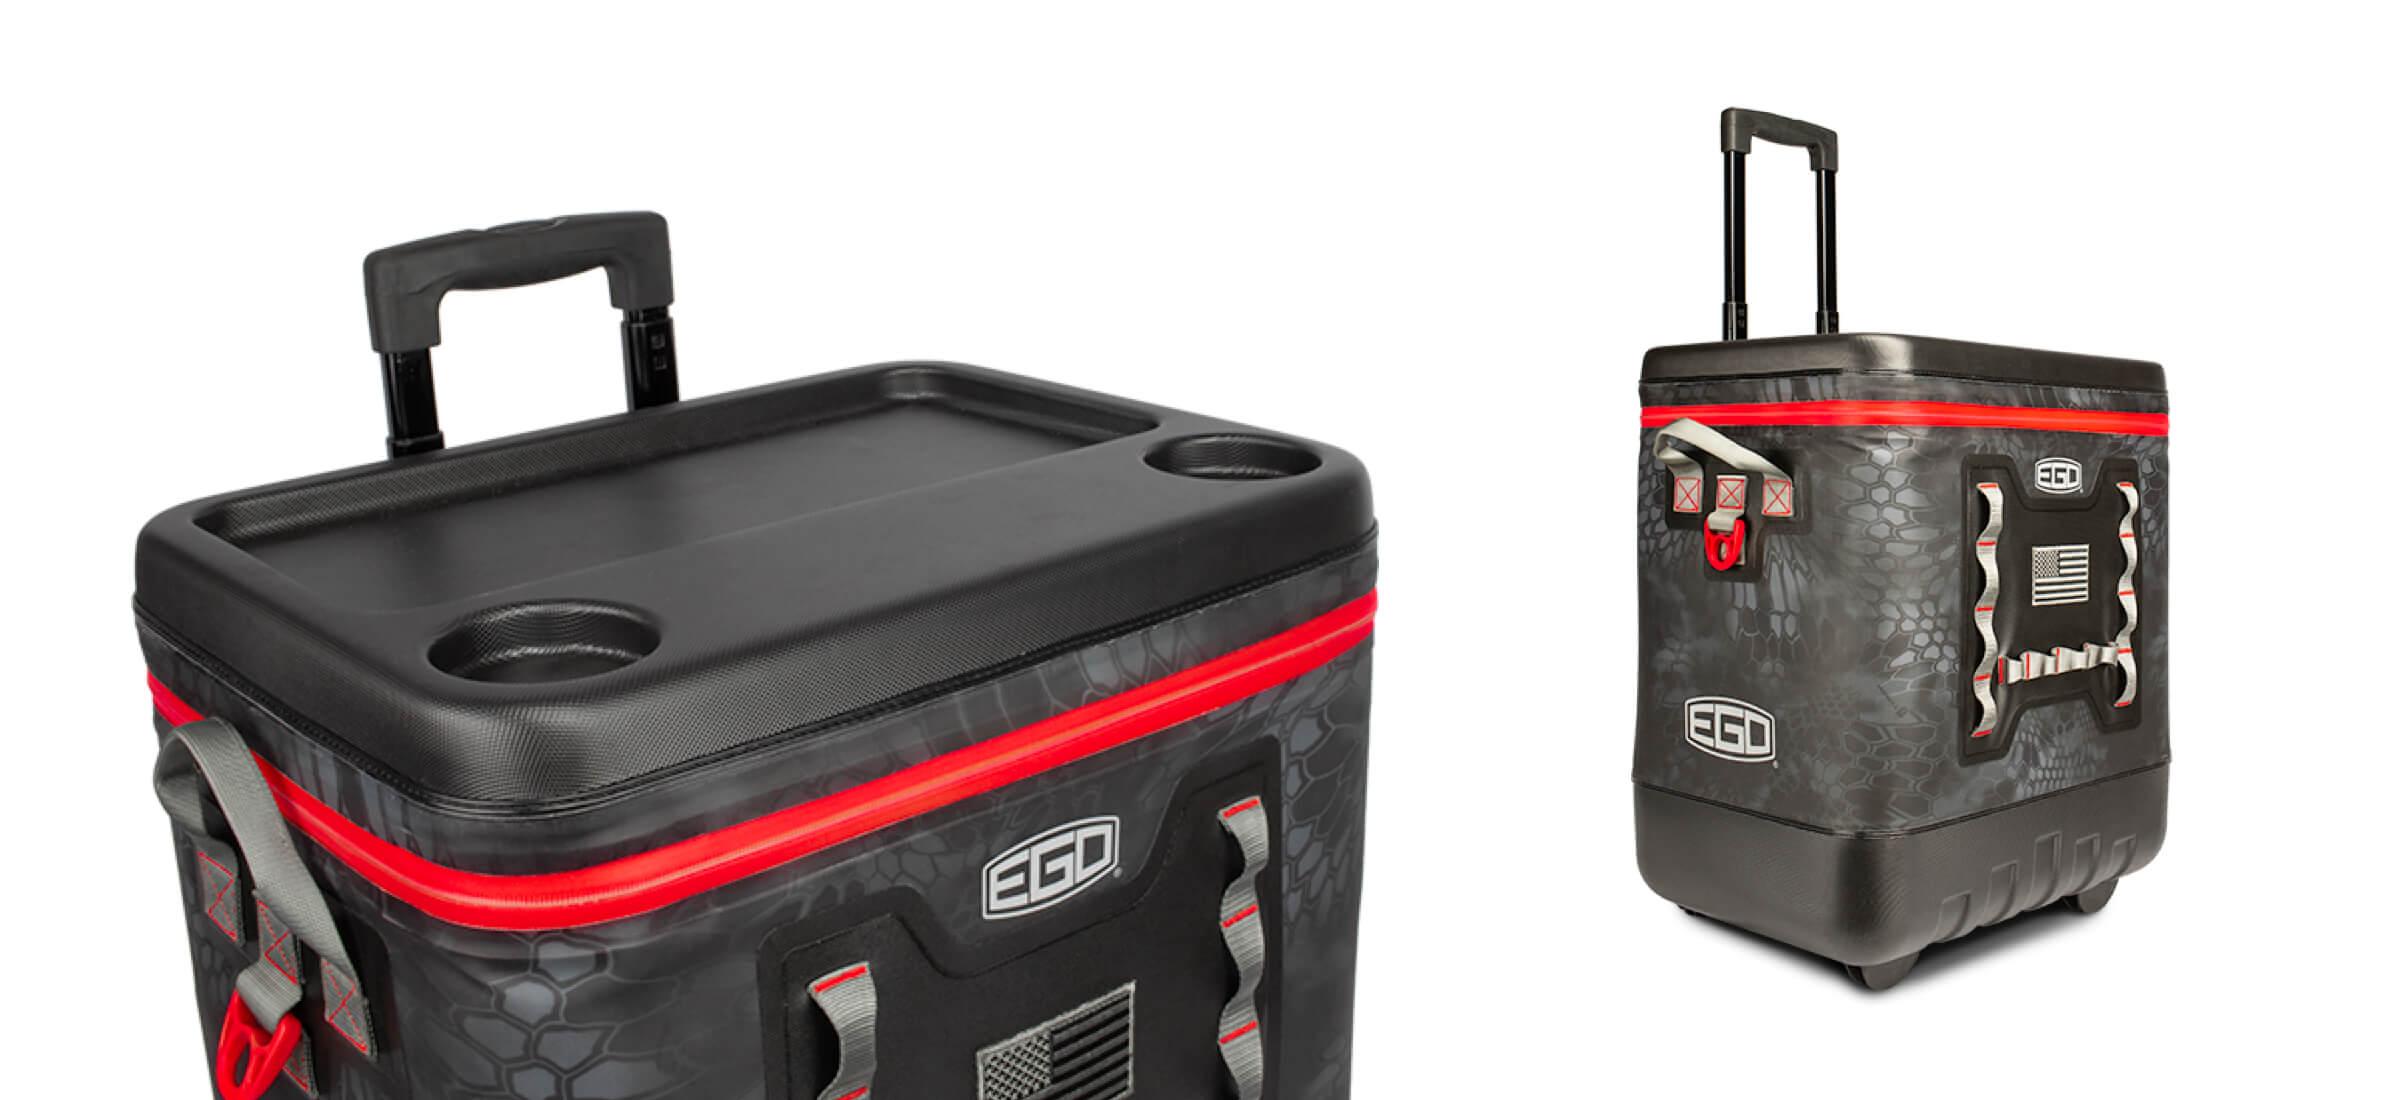 EGO Kryptek 40 Liter Roller Cooler